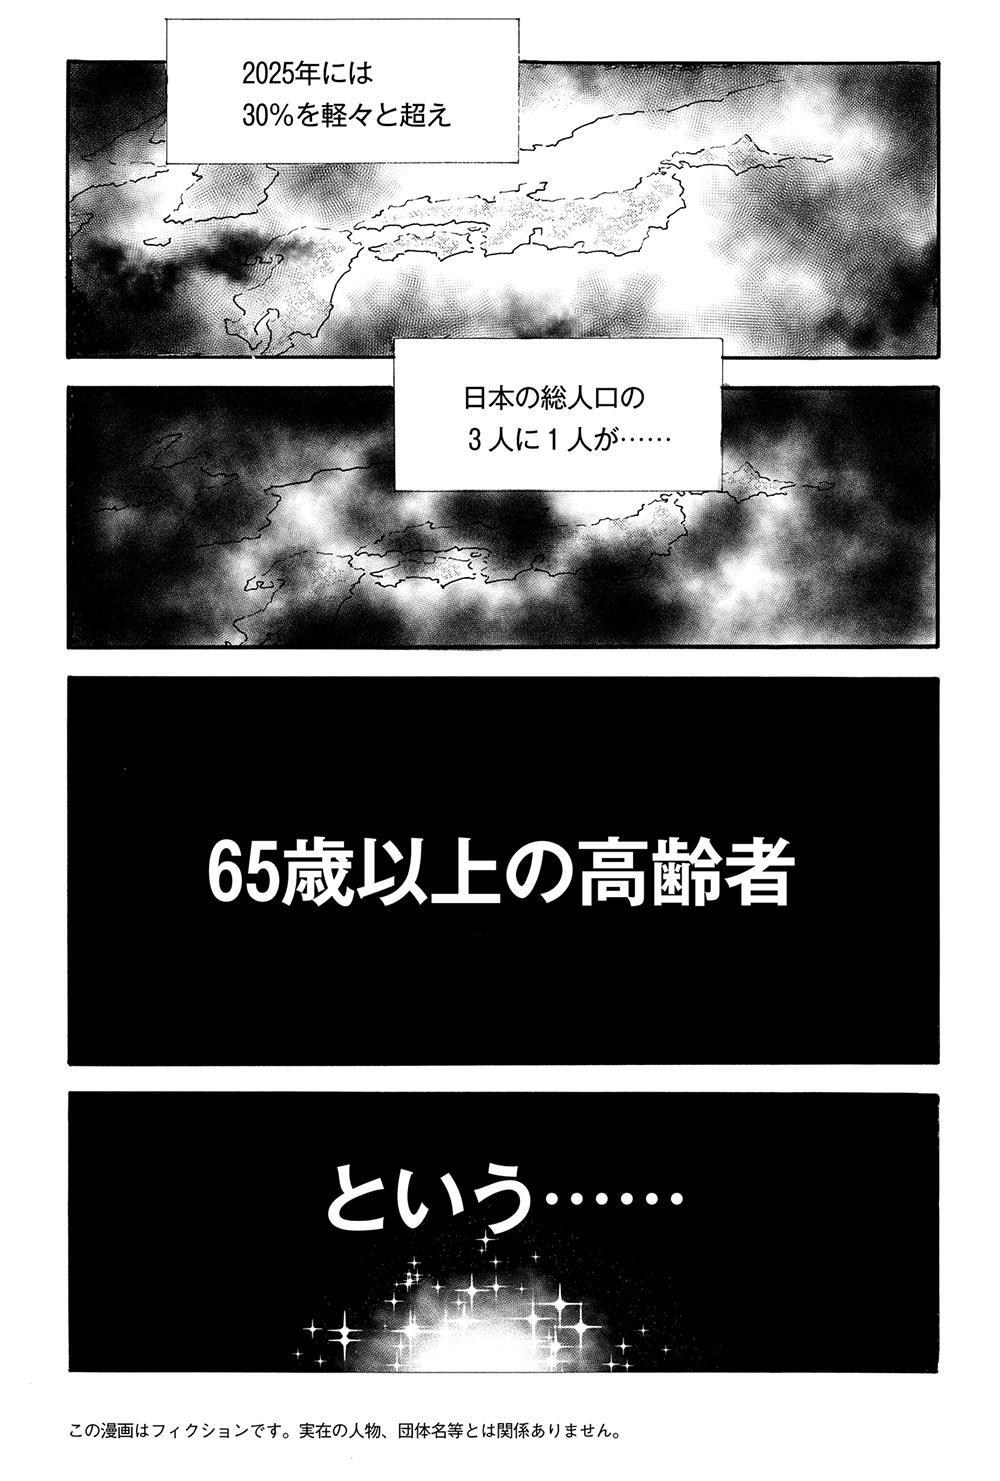 ヘルプマン!! 第1話「フリー介護士現る!」help1-2.jpg